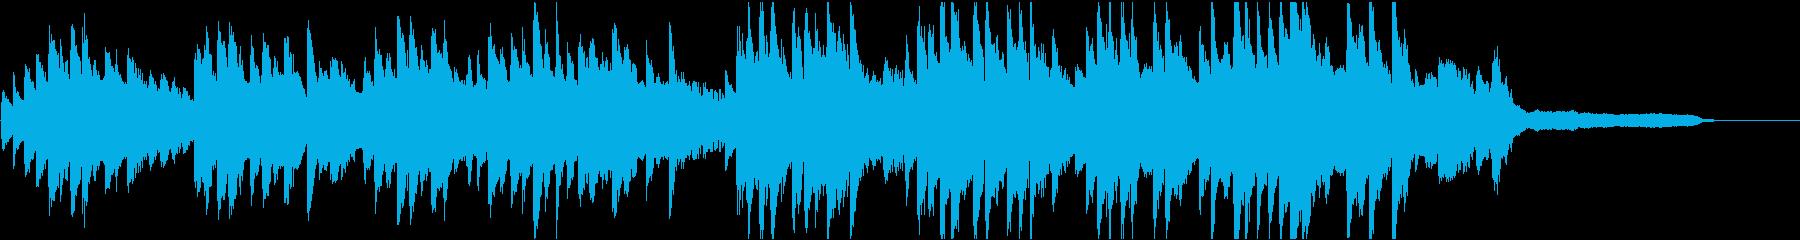 企業VP42 16bit44kHzVerの再生済みの波形